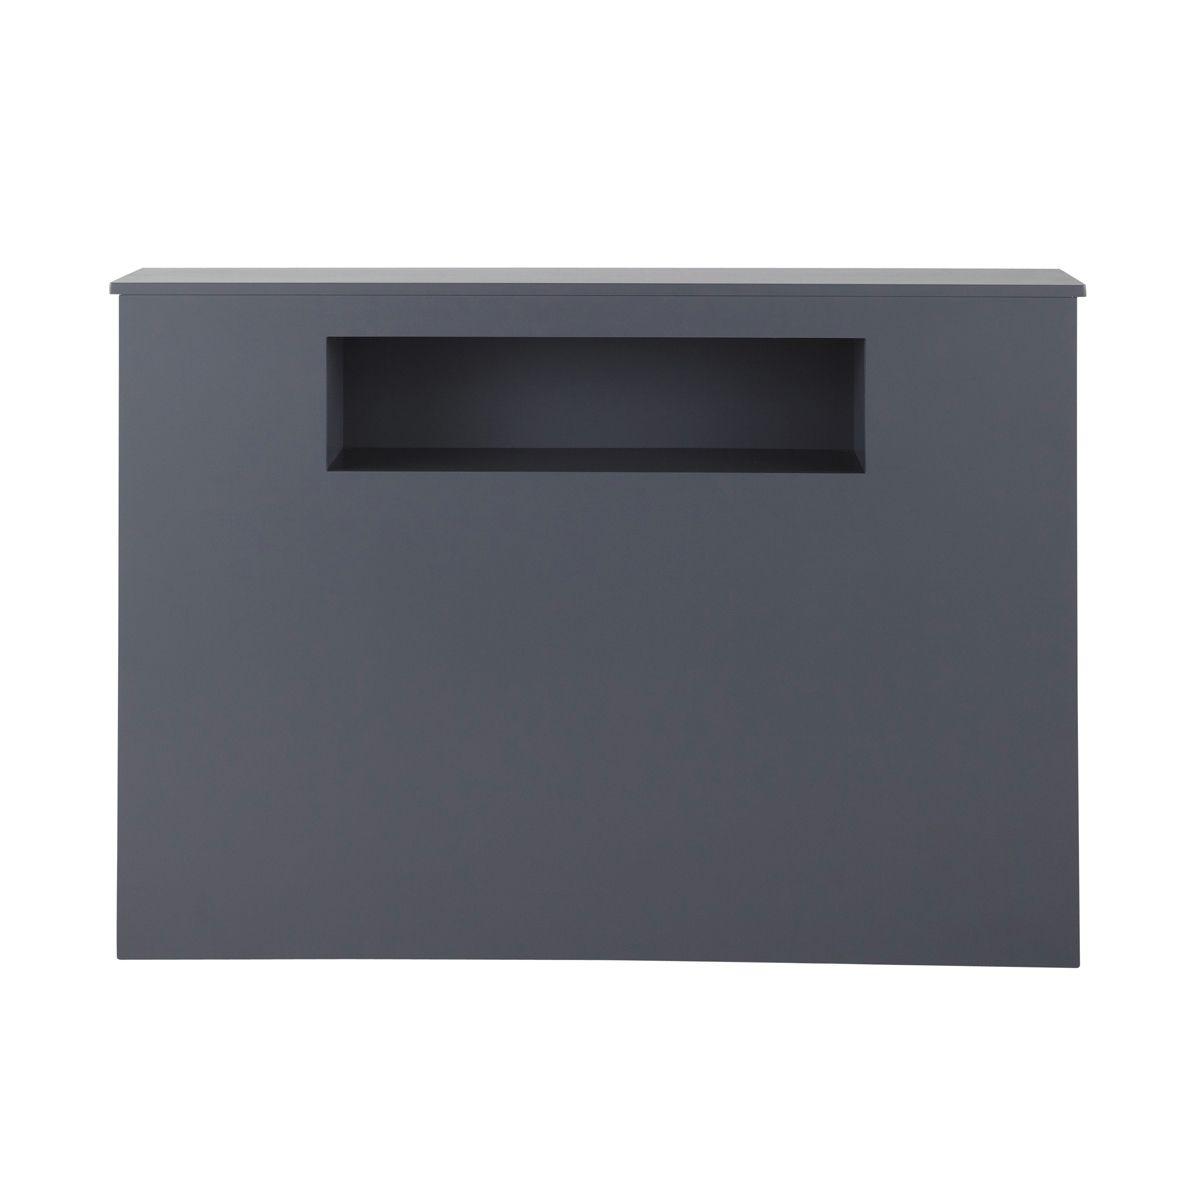 t te de lit grise l 140 cm t tes de lit en bois lit en. Black Bedroom Furniture Sets. Home Design Ideas